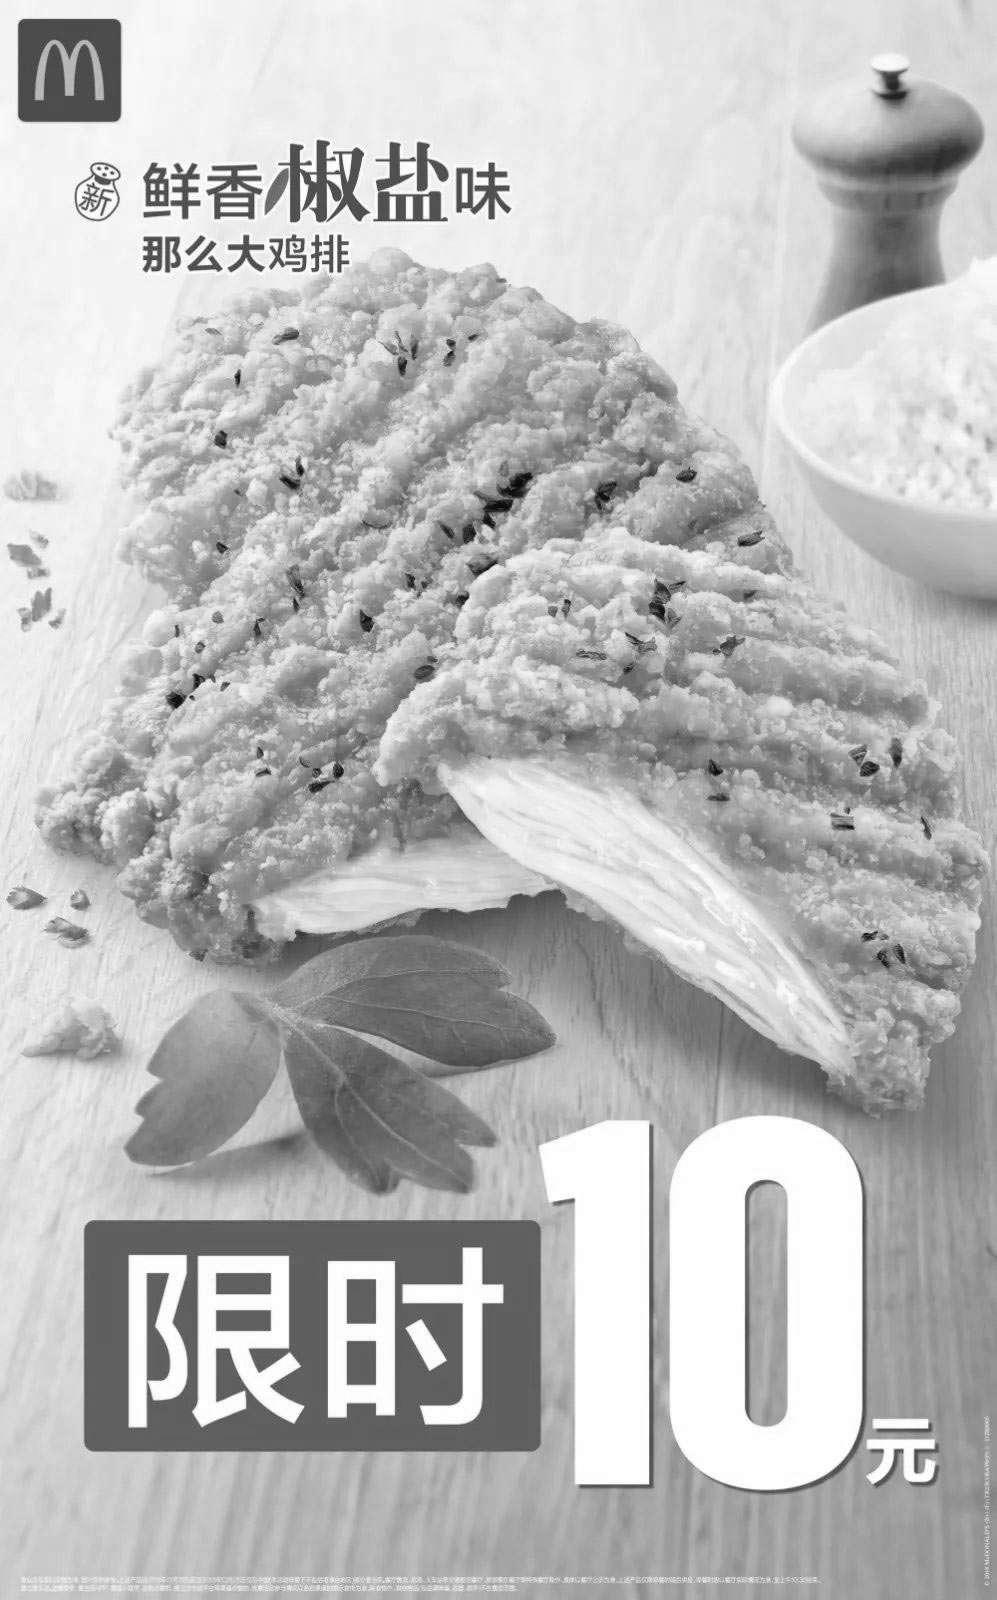 黑白麦当劳优惠券:麦当劳鲜香椒盐味那么大鸡排限时10元回归